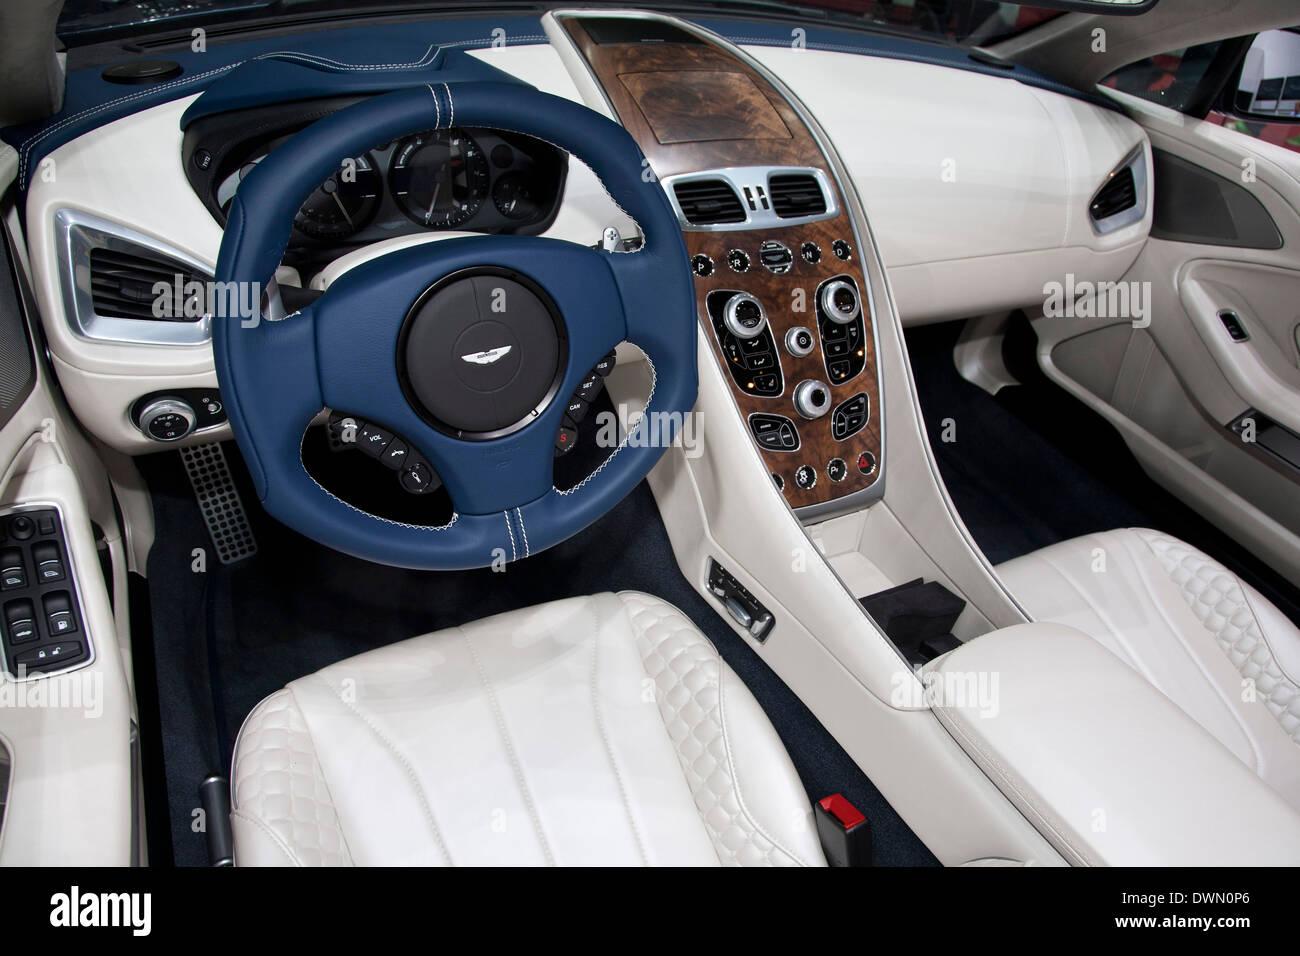 Aston Martin Interior Stockfotos Und Bilder Kaufen Alamy